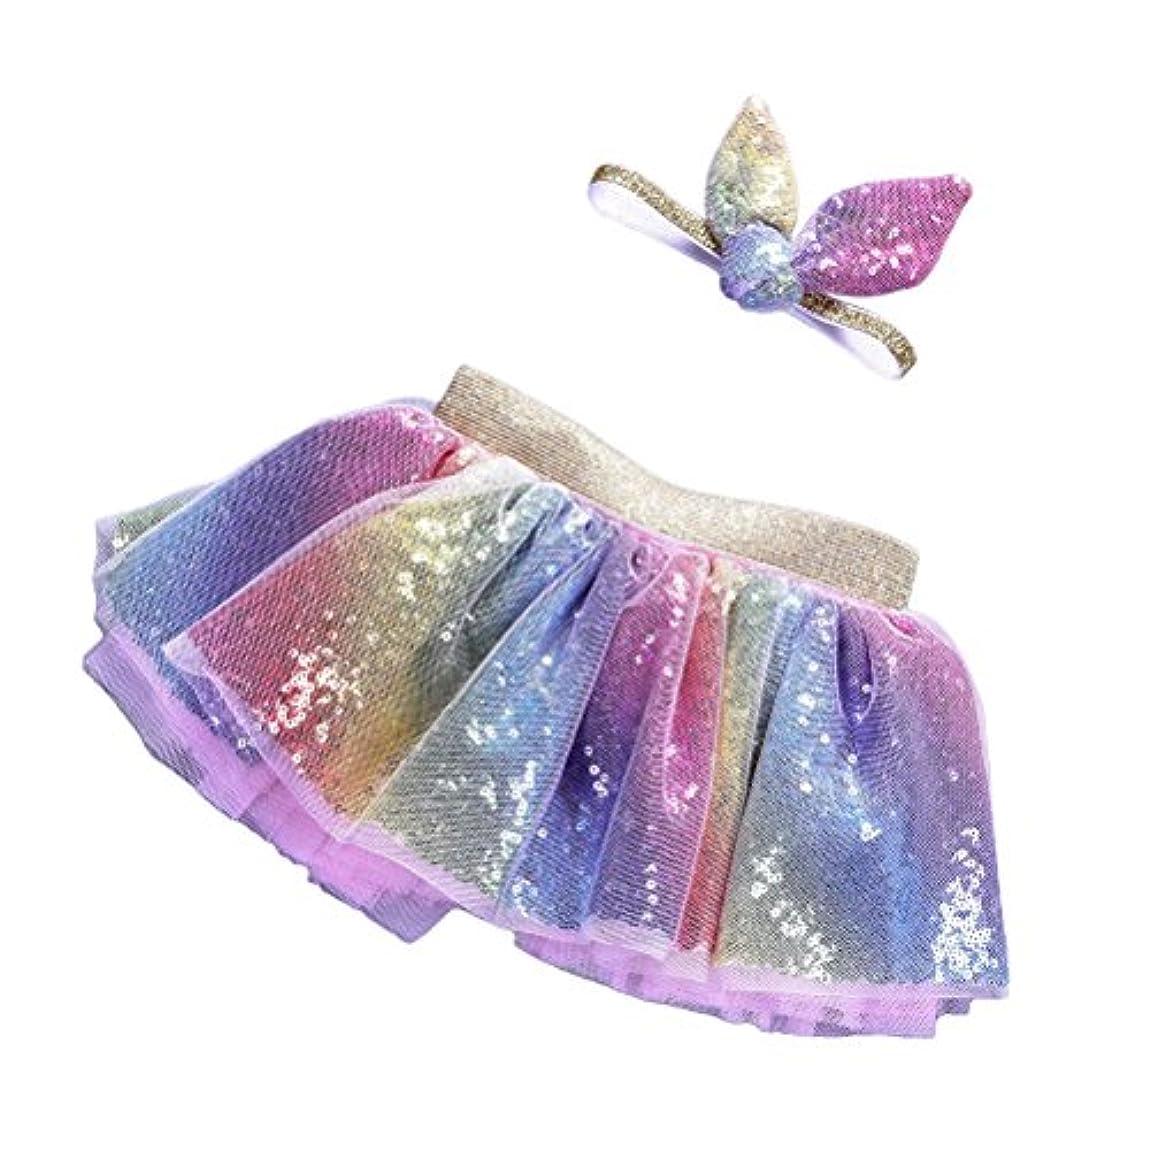 つらいにぎやか乗算LUOEM 2PCSレインボーツツースカート(ヘッドバンド付き)プリンセスガールツツーの服装ベビーガールズ誕生日の服セットサイズM(2?5歳)